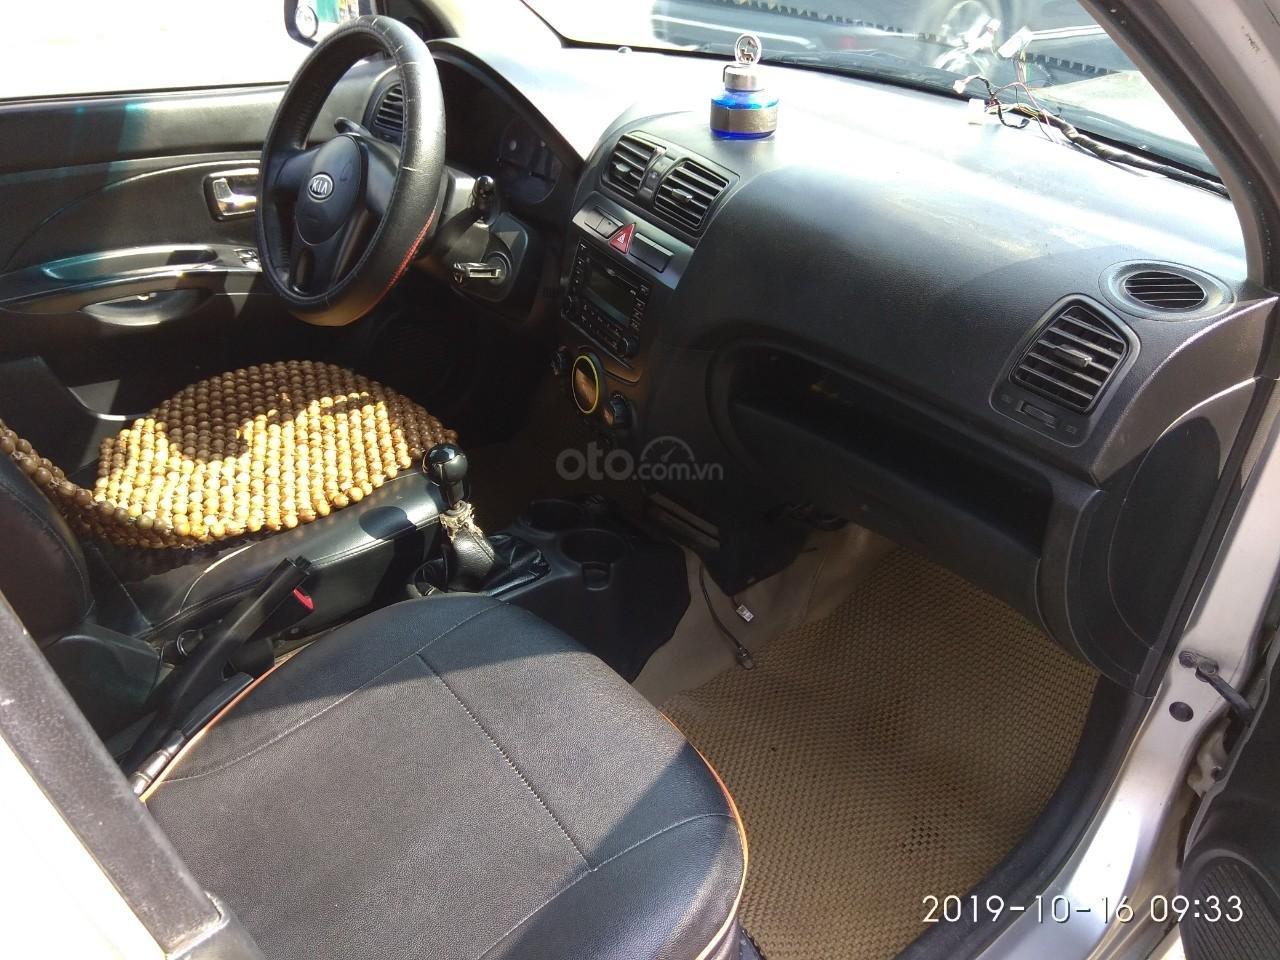 Cần bán Kia Morning sản xuất 2011, màu bạc, giá 168tr (5)